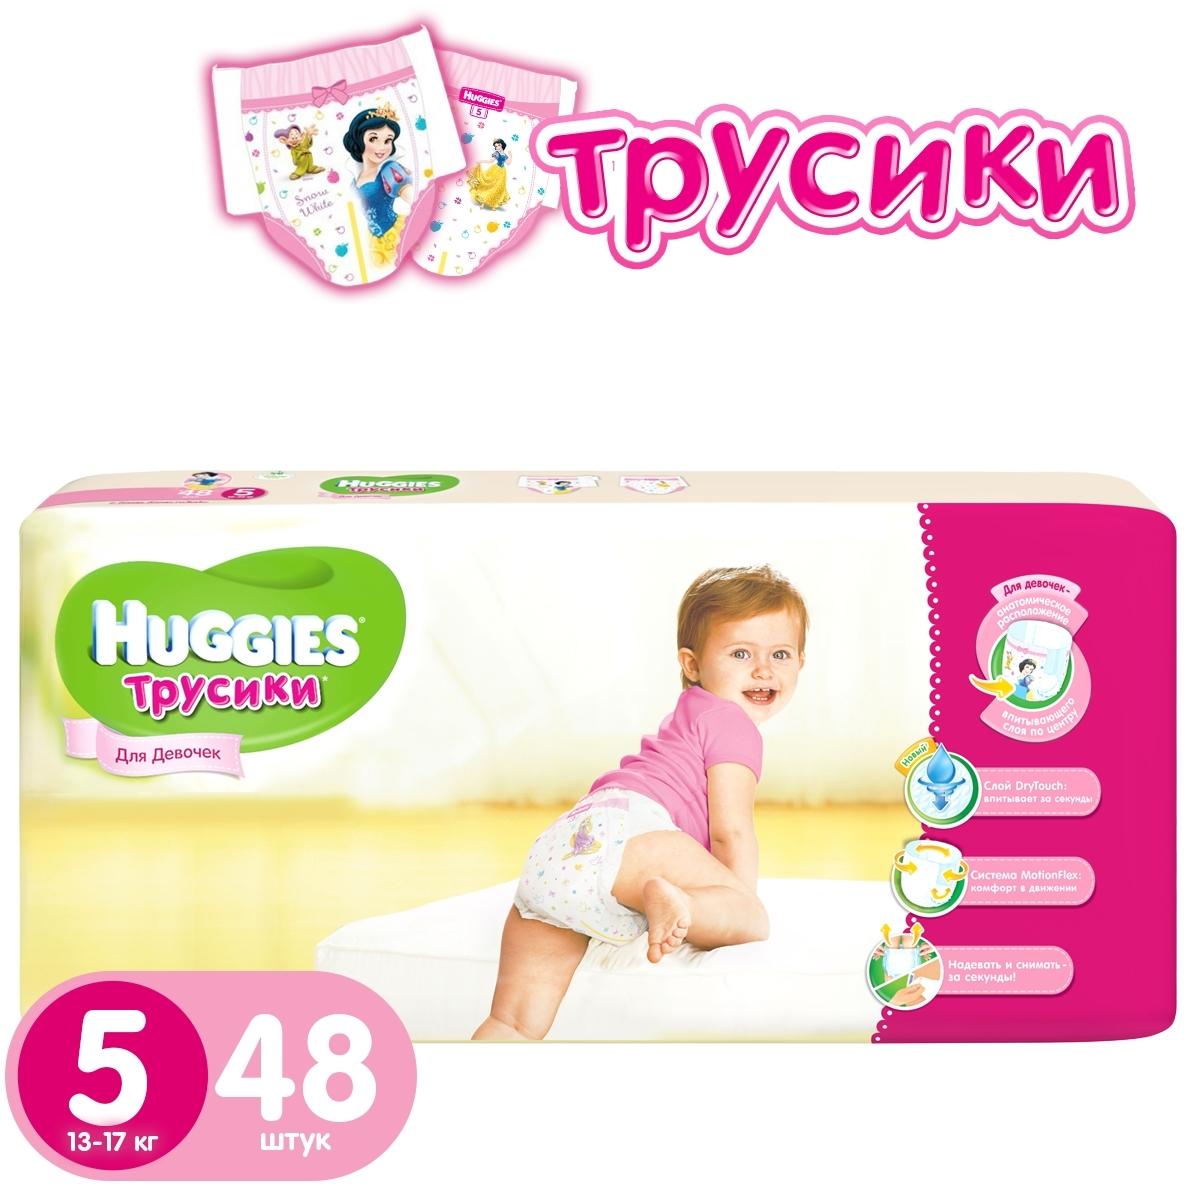 Трусики Huggies для девочек 13-17 кг (48 шт) Размер 5<br>